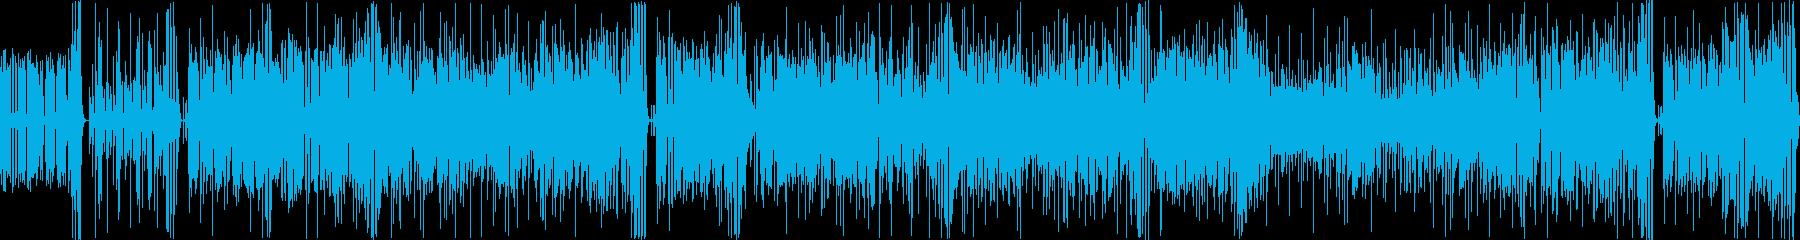 全て生楽器!ほのぼのインストポップスの再生済みの波形